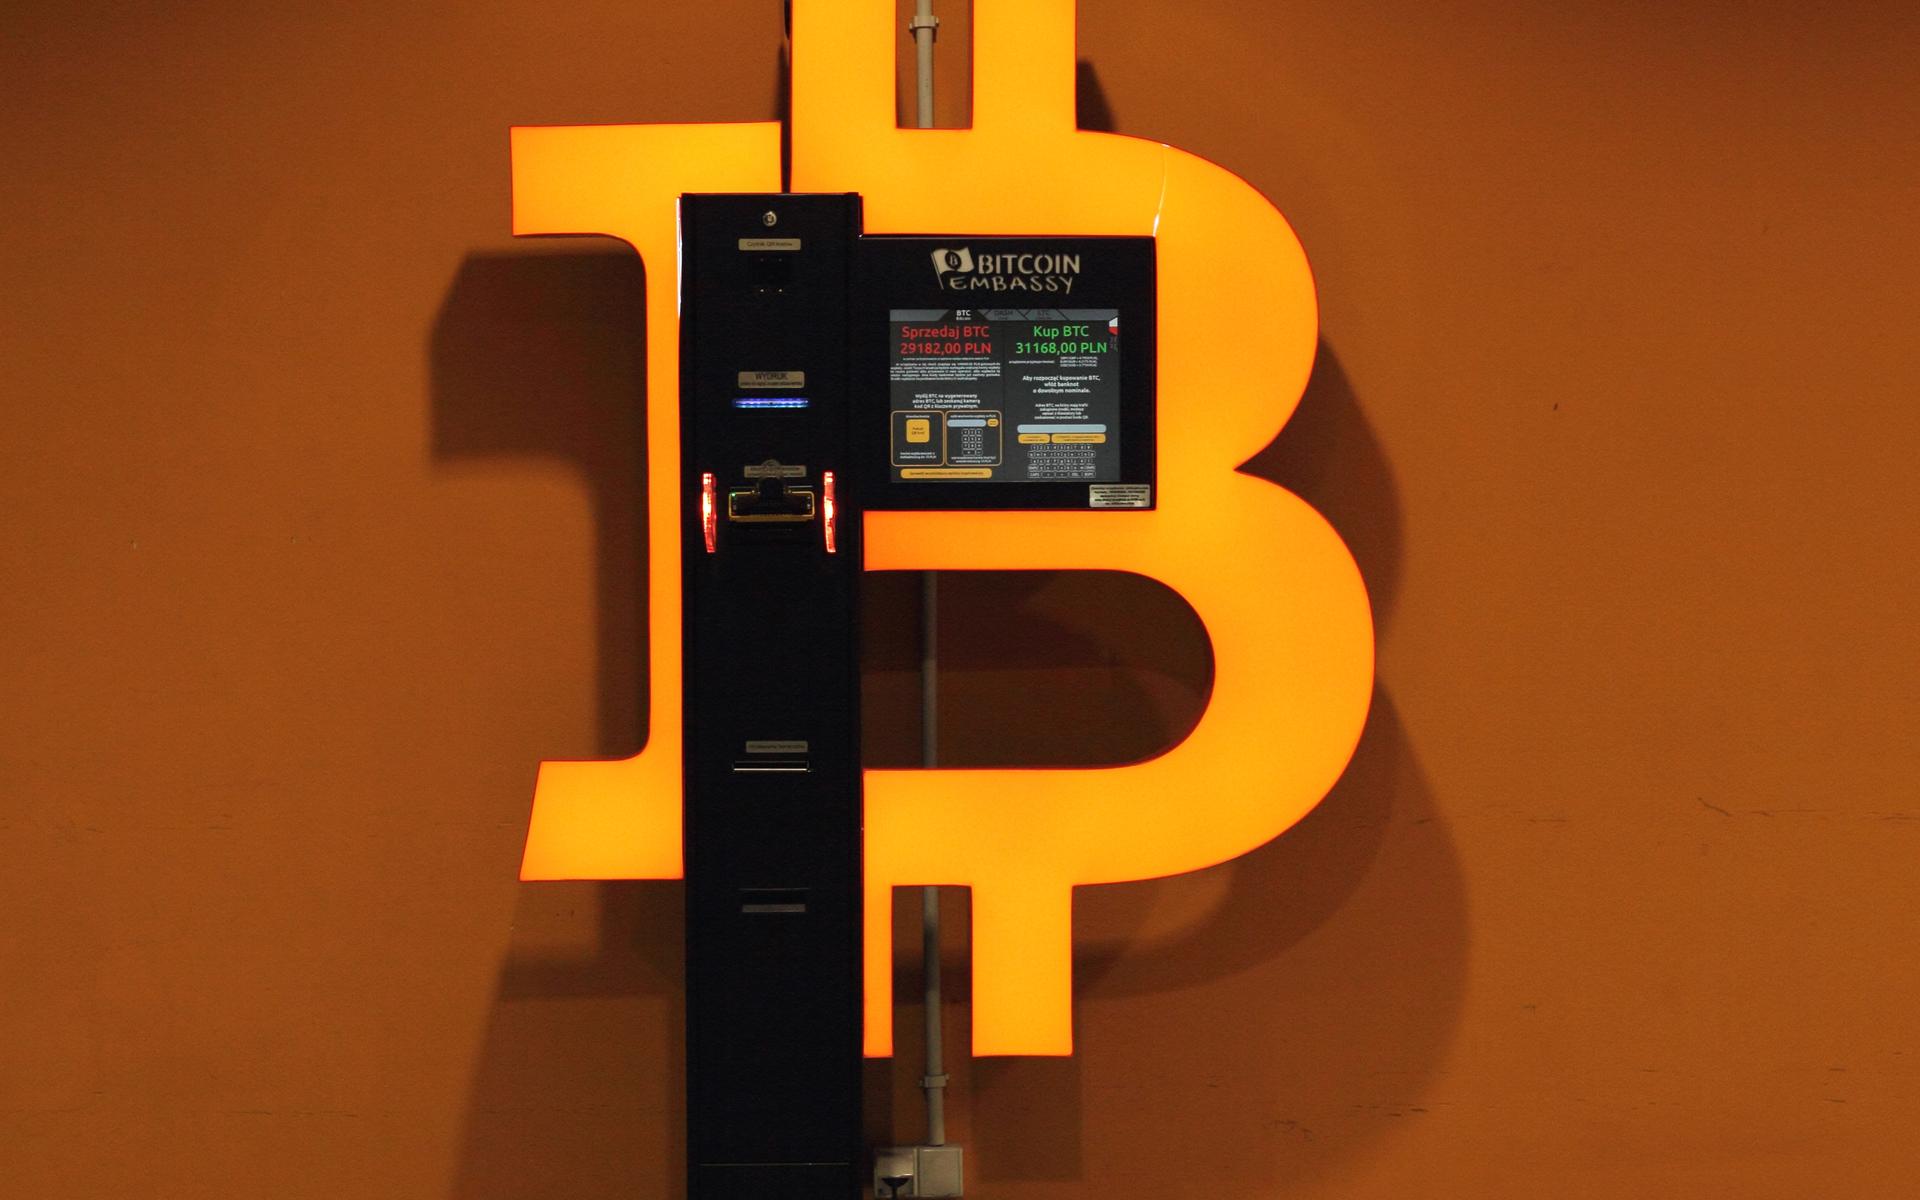 Bitcoin automaty / Bitcoinmaty, města, kde jsou nejvíce rozšířené